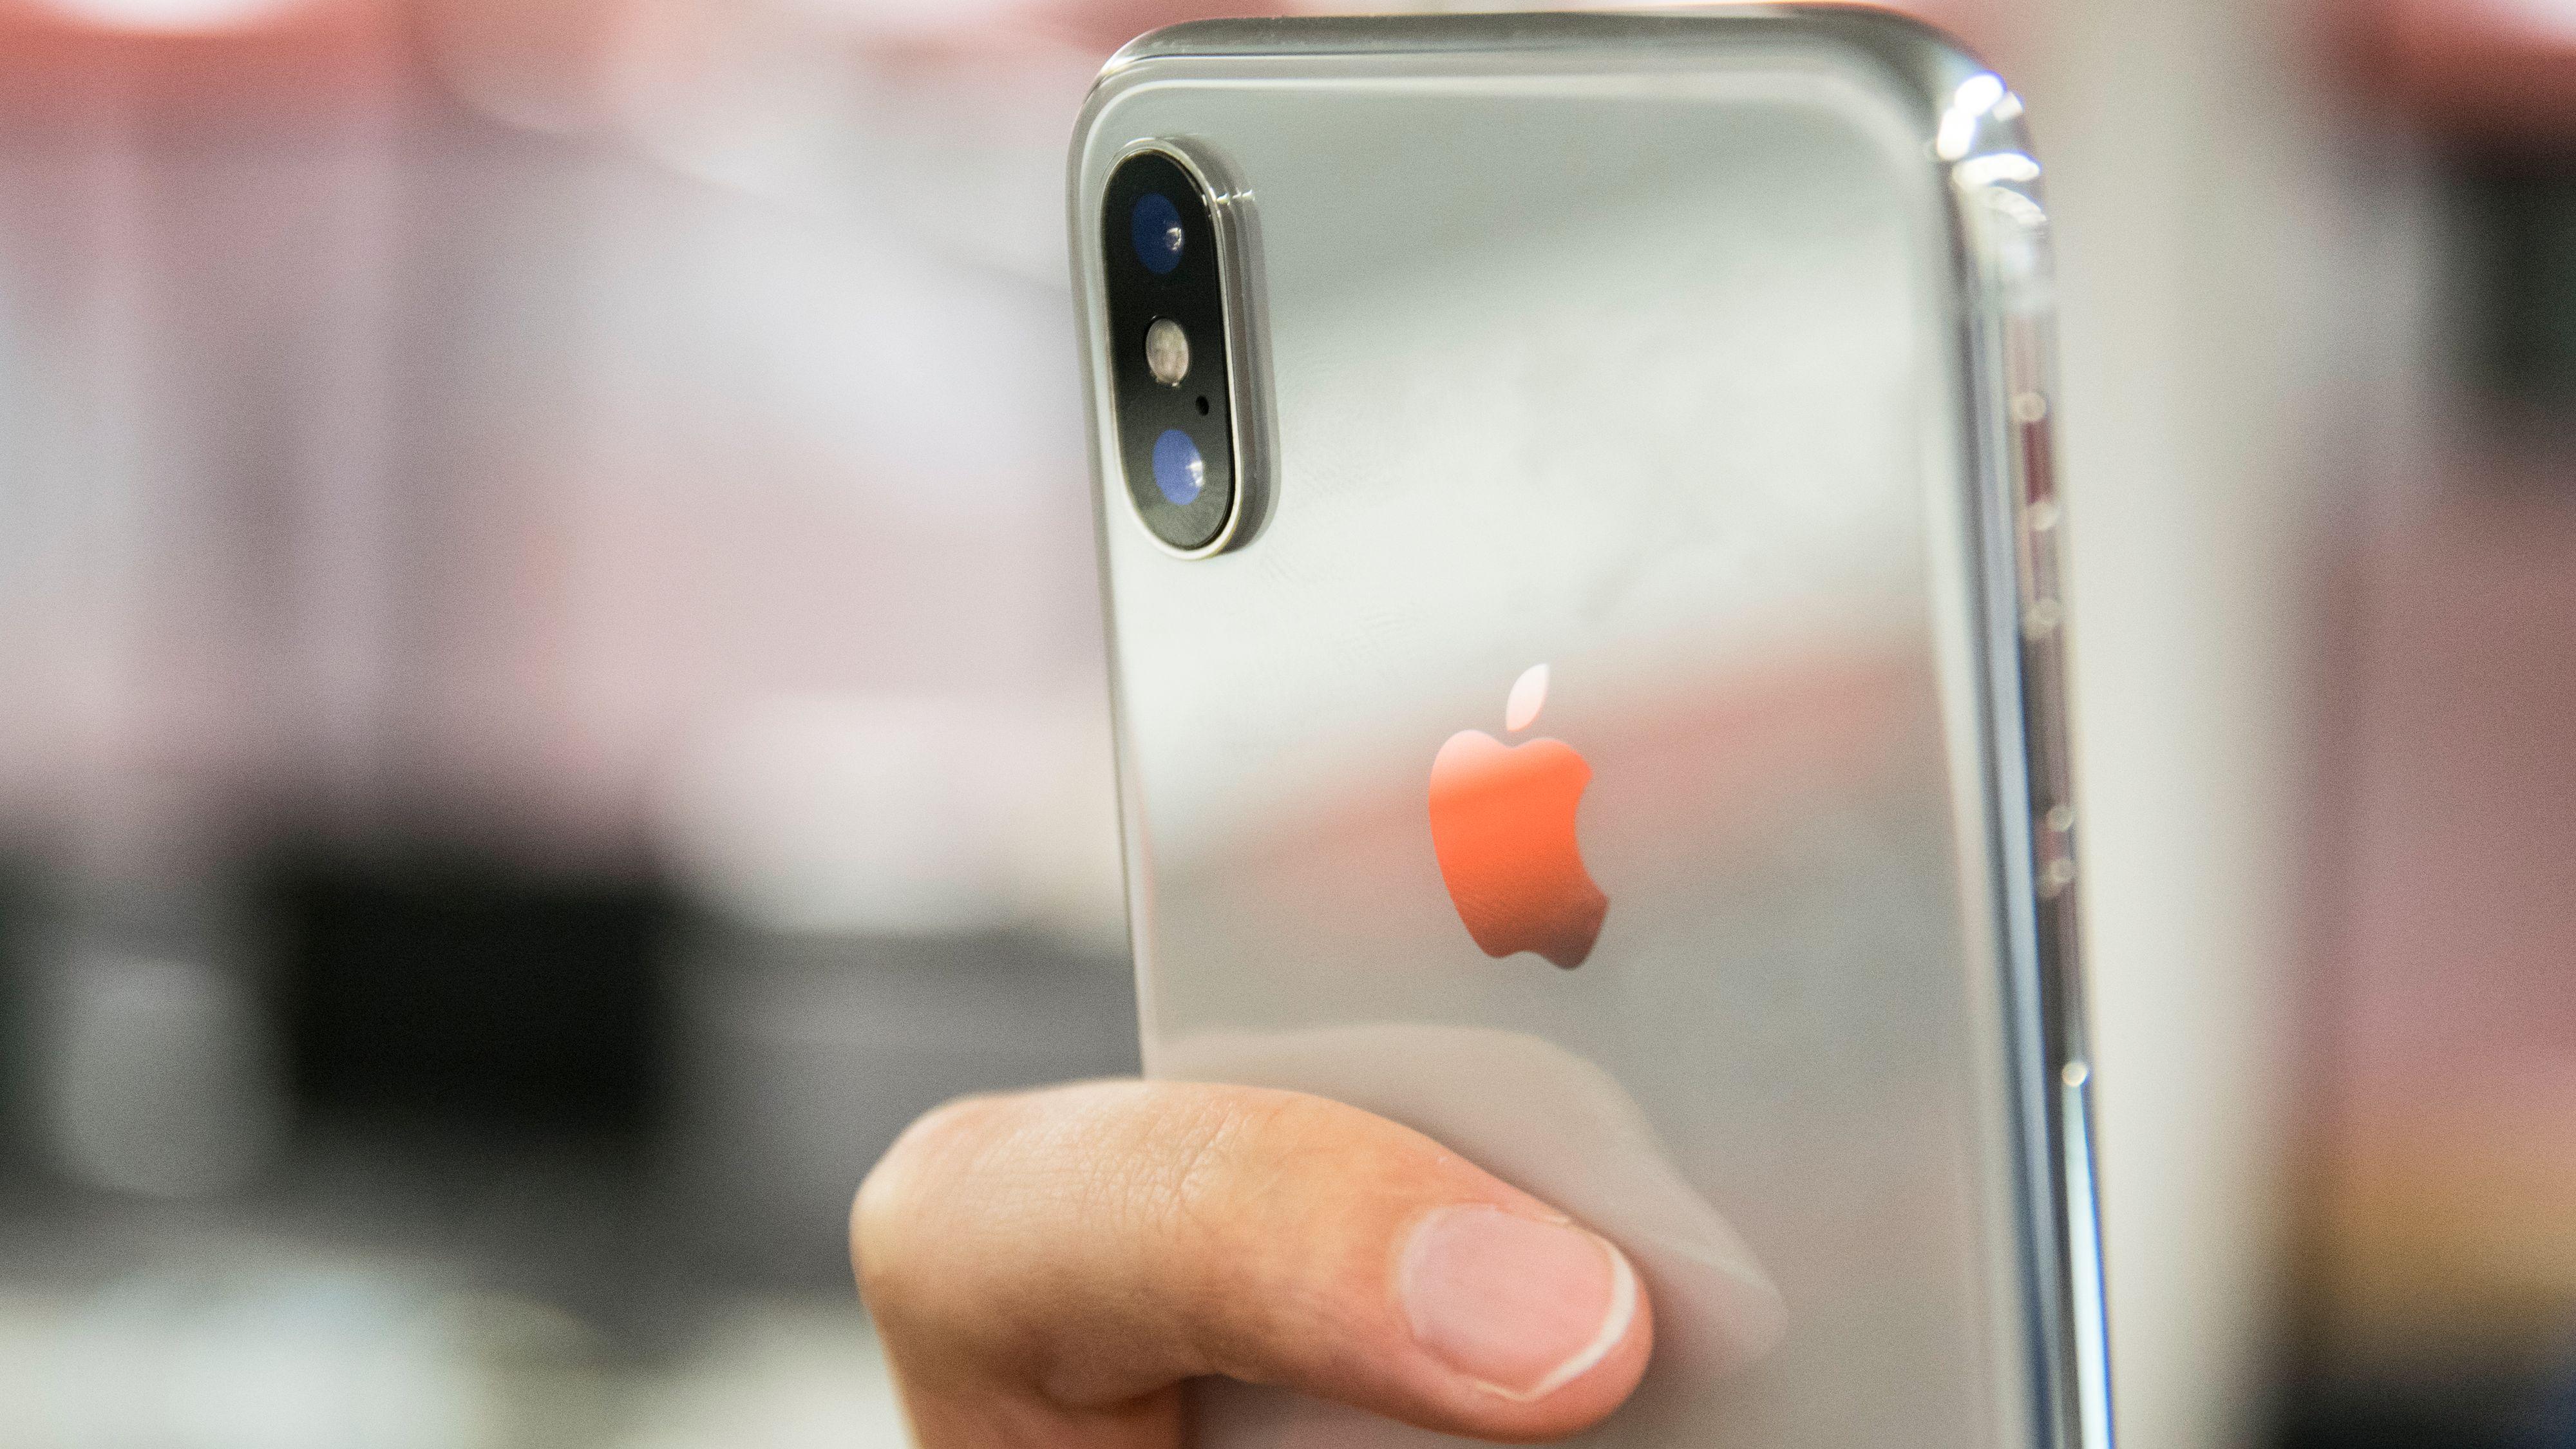 Større skjerm i 2018 og lasersensor i 2019 – Slik blir framtidens iPhone